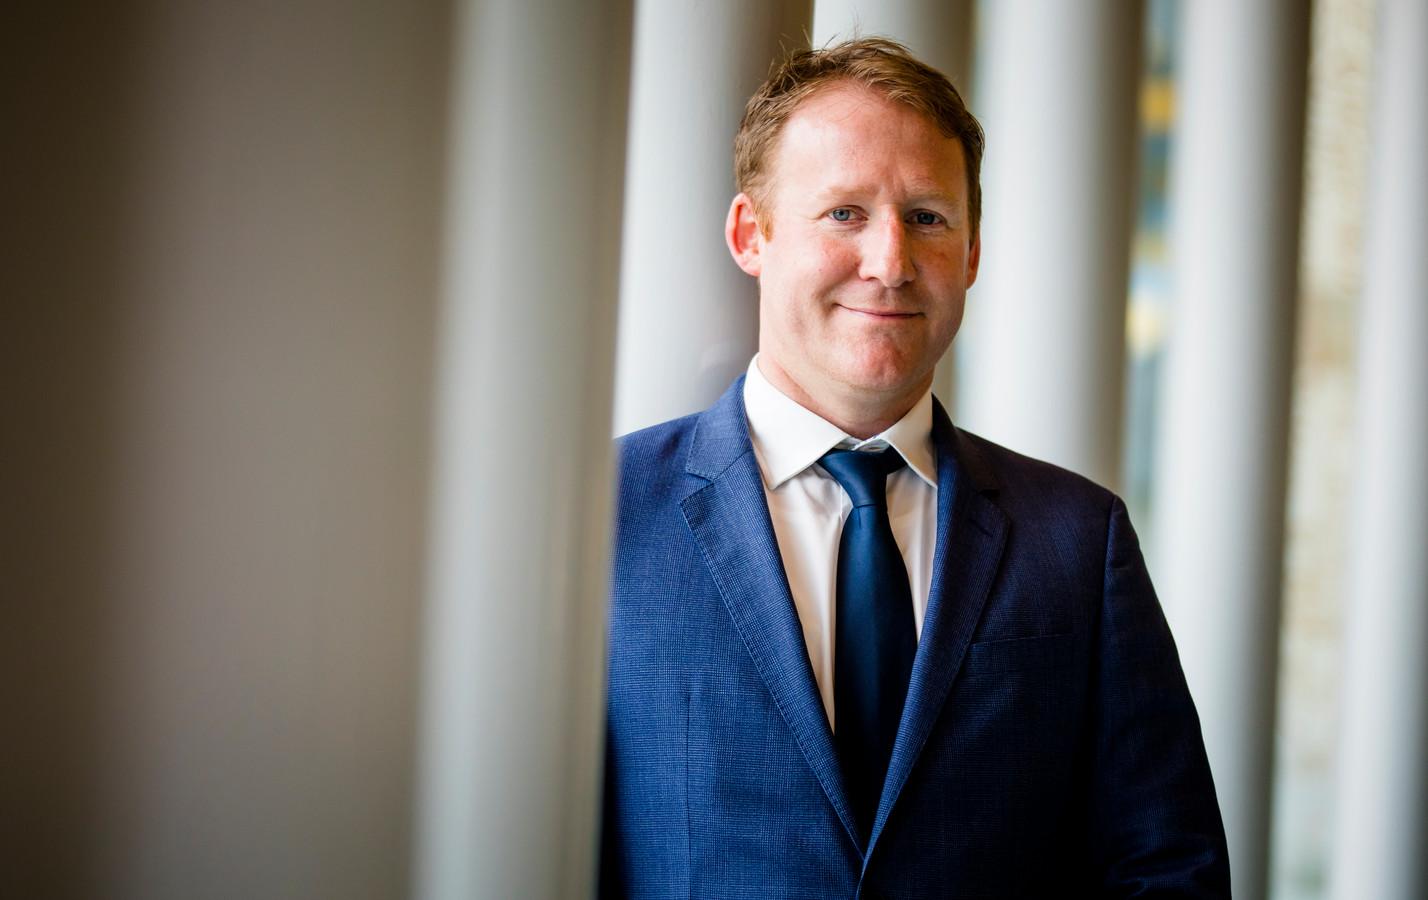 Kees Verhoeven, Kamerlid D66, is kritisch over de vaak schimmige wereld van de medische data. Patiënten moeten onder andere beter geïnformeerd worden.